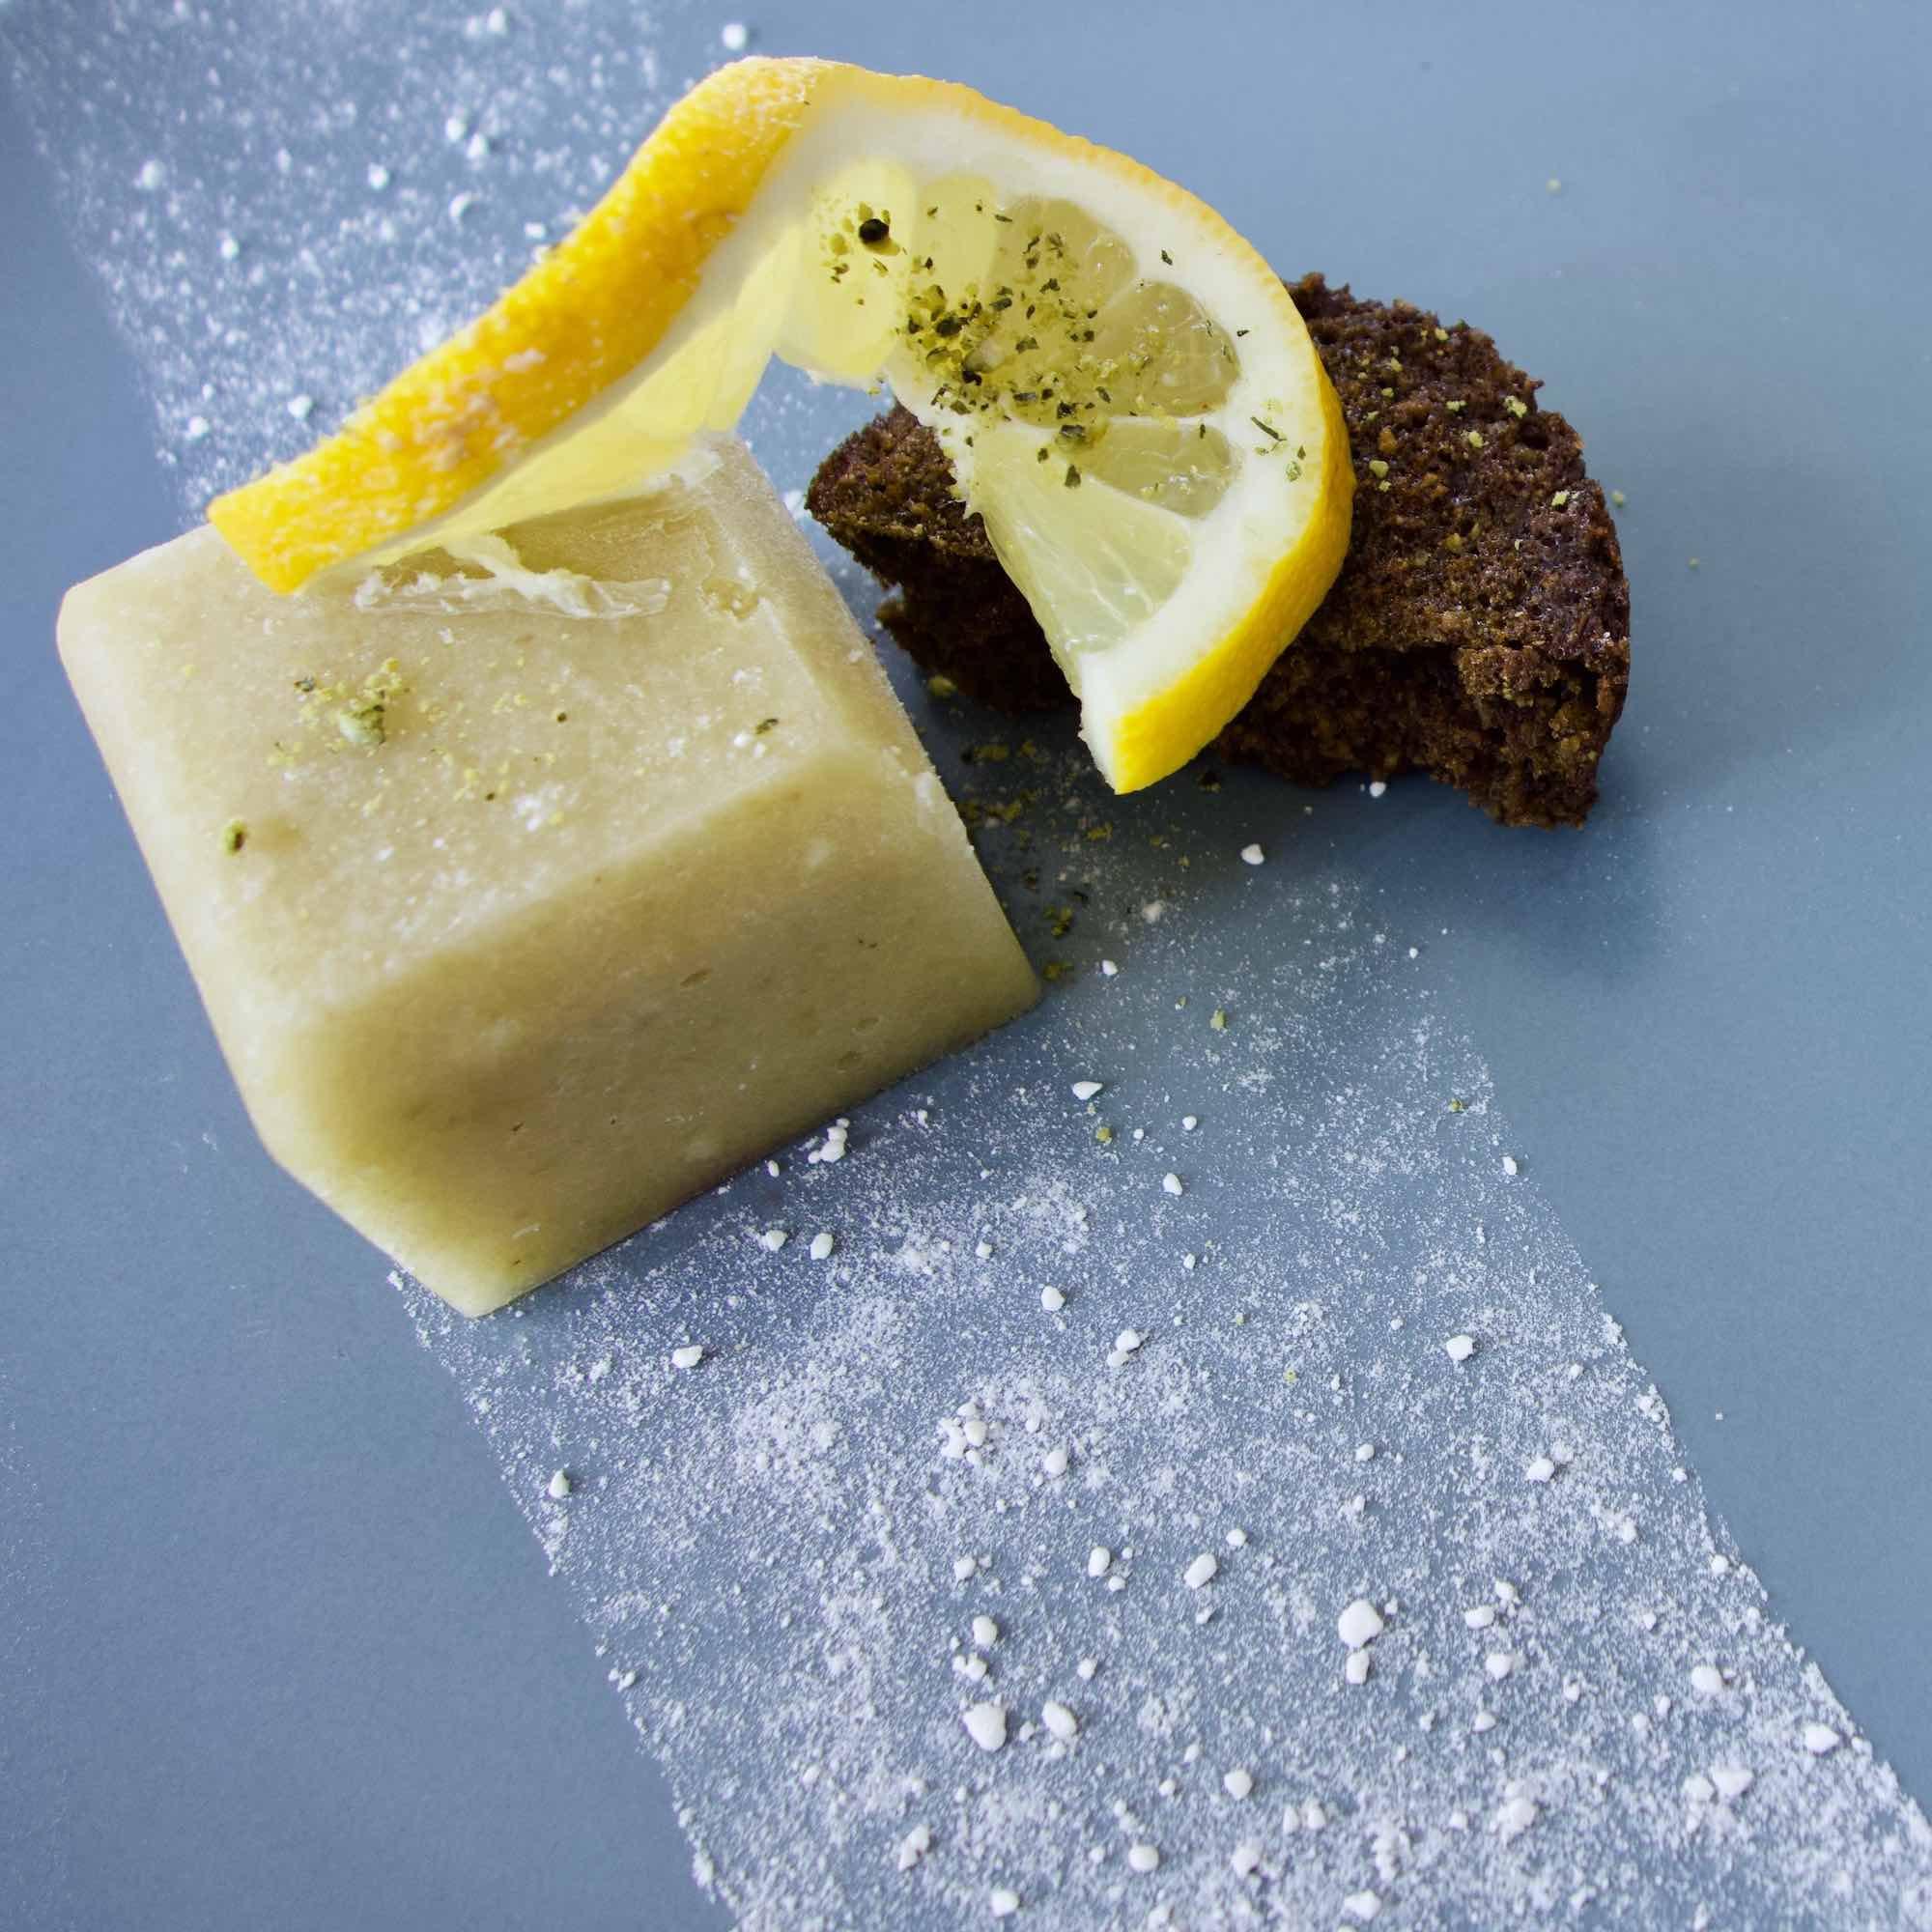 Grape and Lemon Sorbet with Matcha Muffin